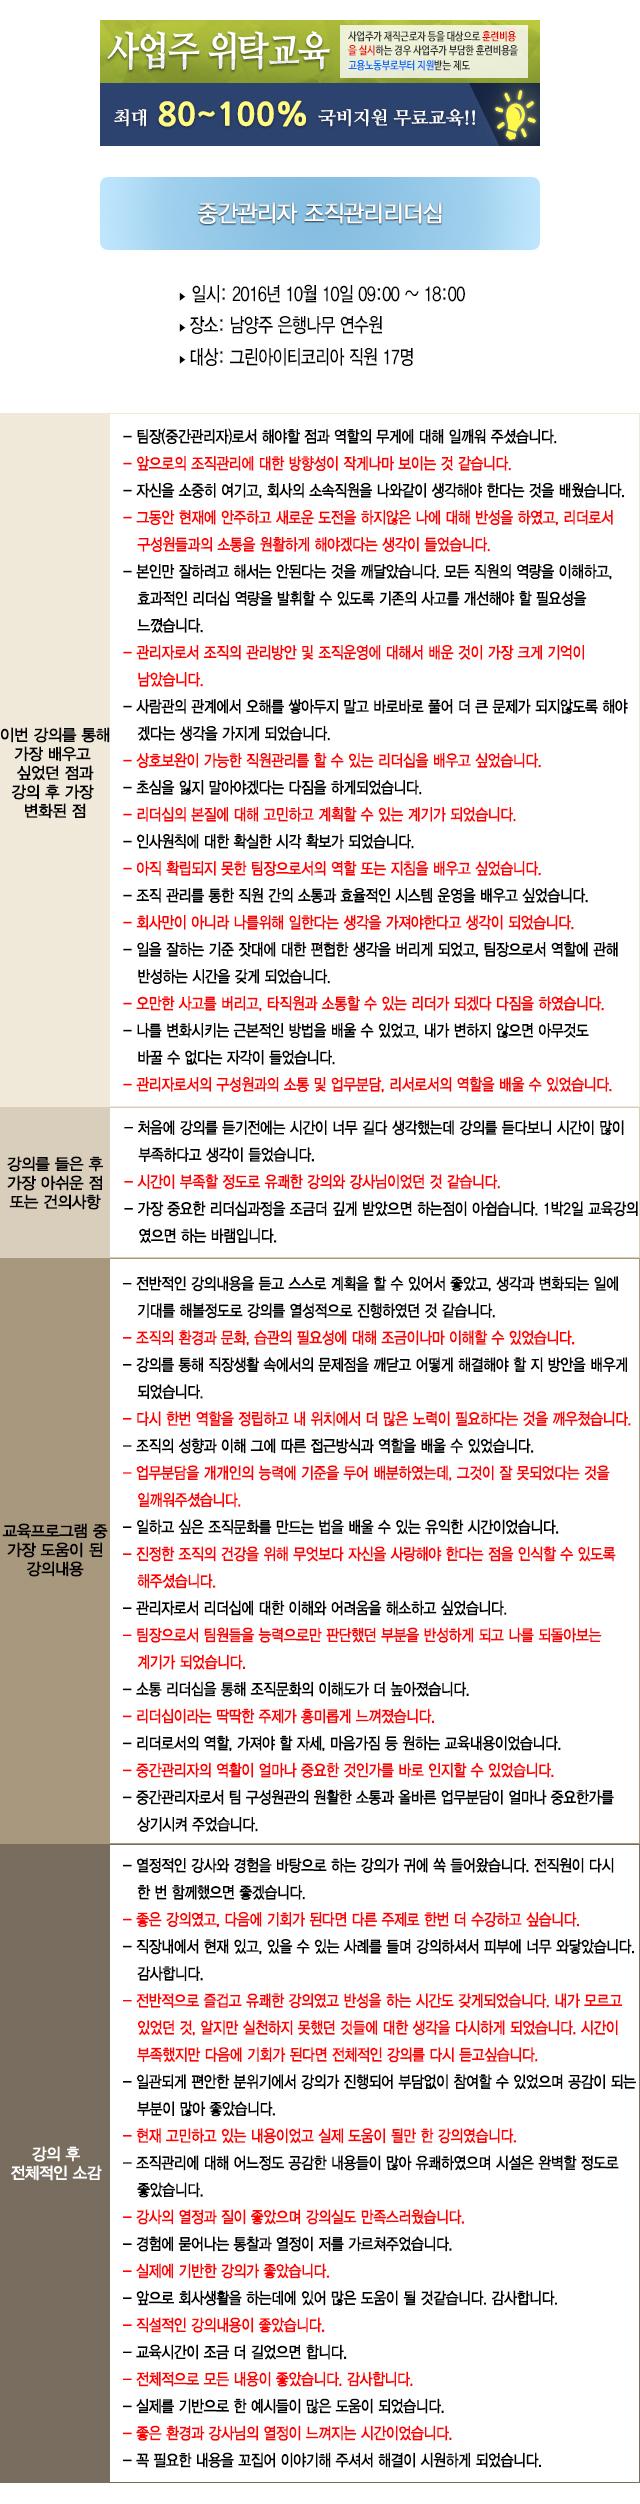 한국중앙인재개발원 후기 그린아이티.jpg